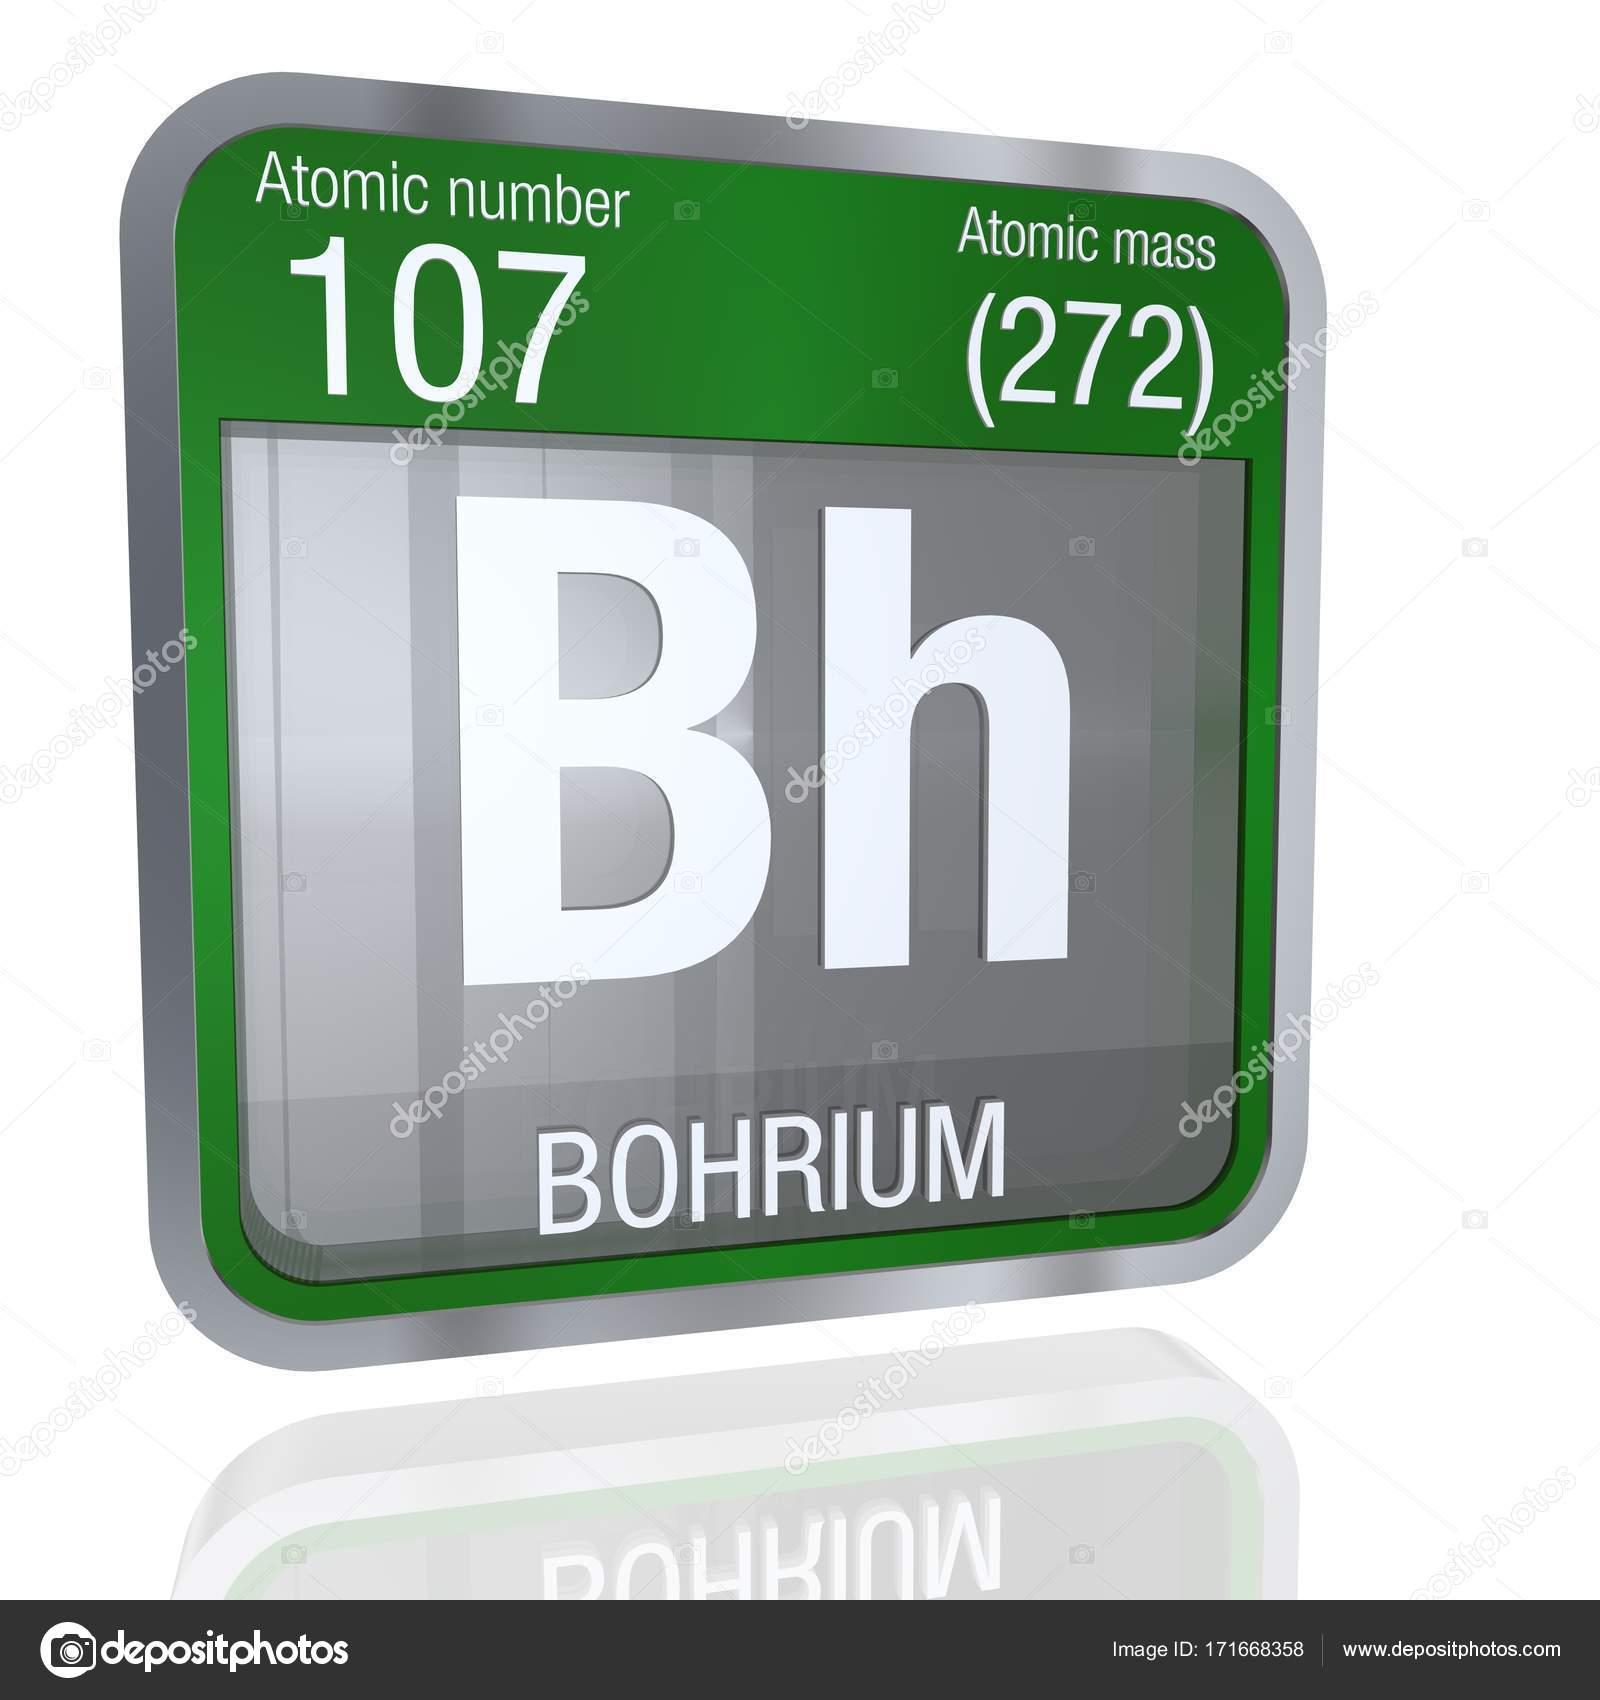 Smbolo del bohrio en forma cuadrada con borde metlico y fondo nmero 107 del elemento de la tabla peridica de los elementos qumica foto de alejomiranda urtaz Choice Image